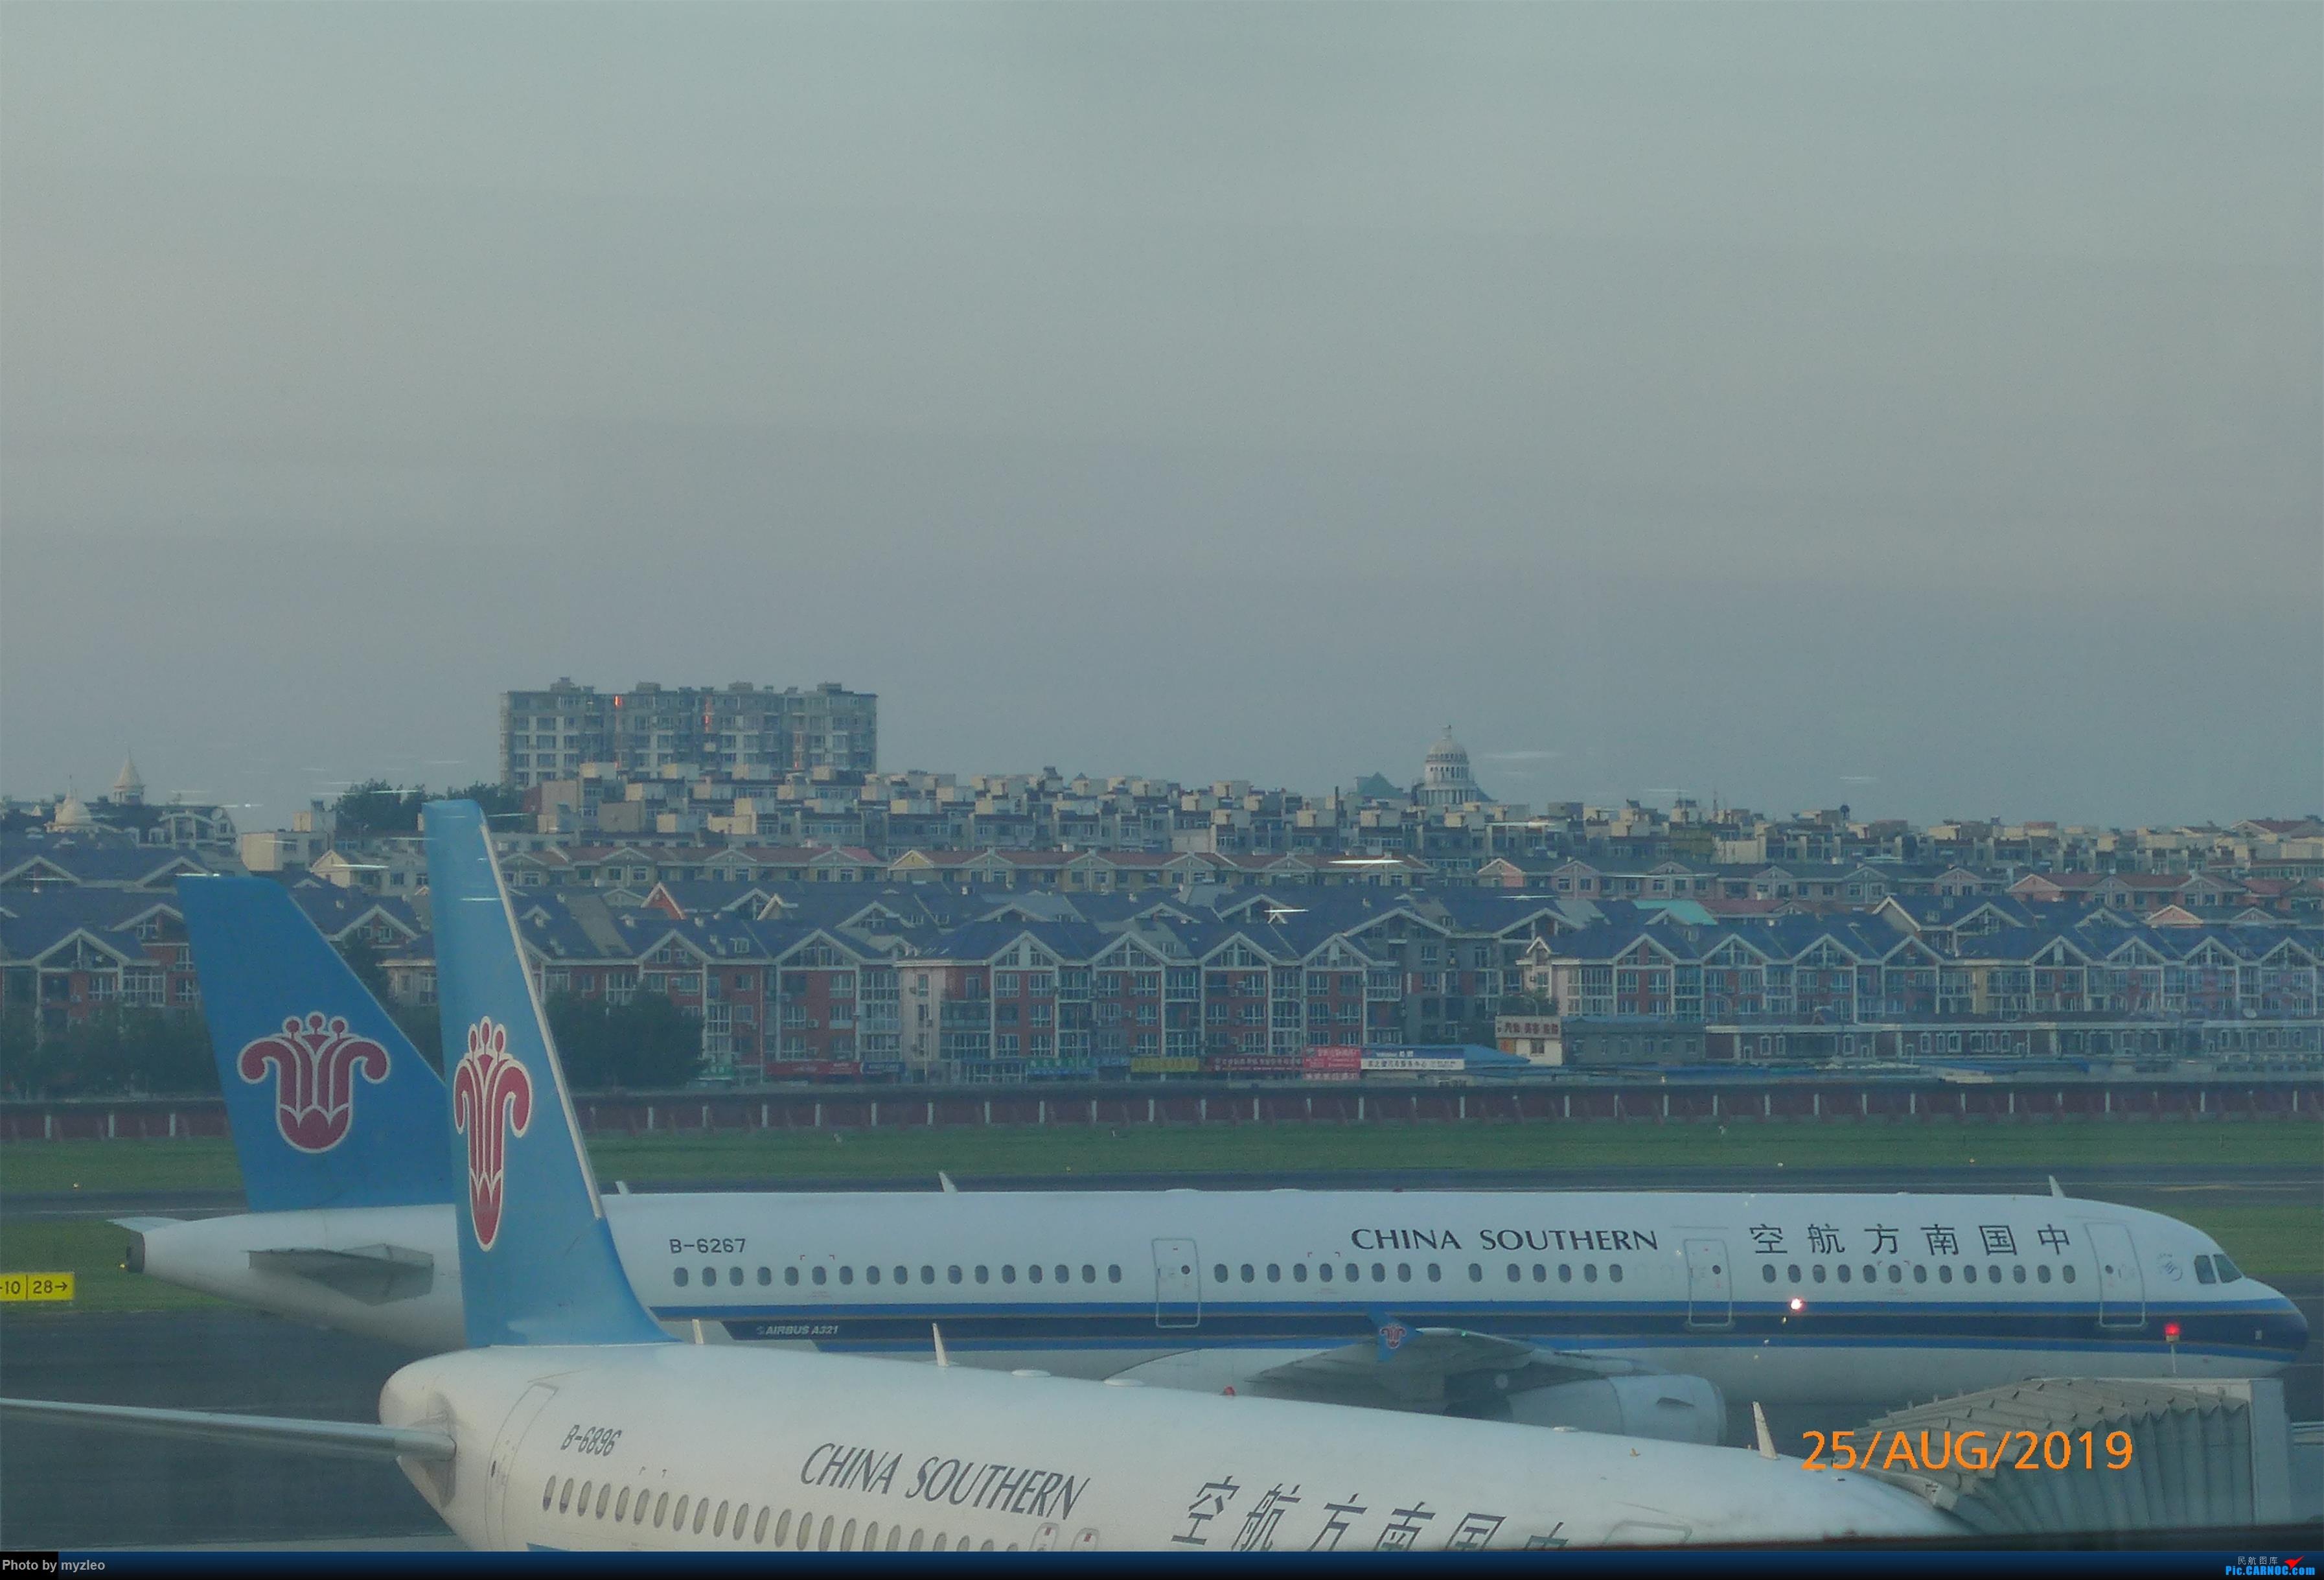 Re:[原创]【myzleo的游记5.3】在大连各景点穿梭不停,坐东航319返回上海 AIRBUS A321-200 B-6267 中国大连国际机场